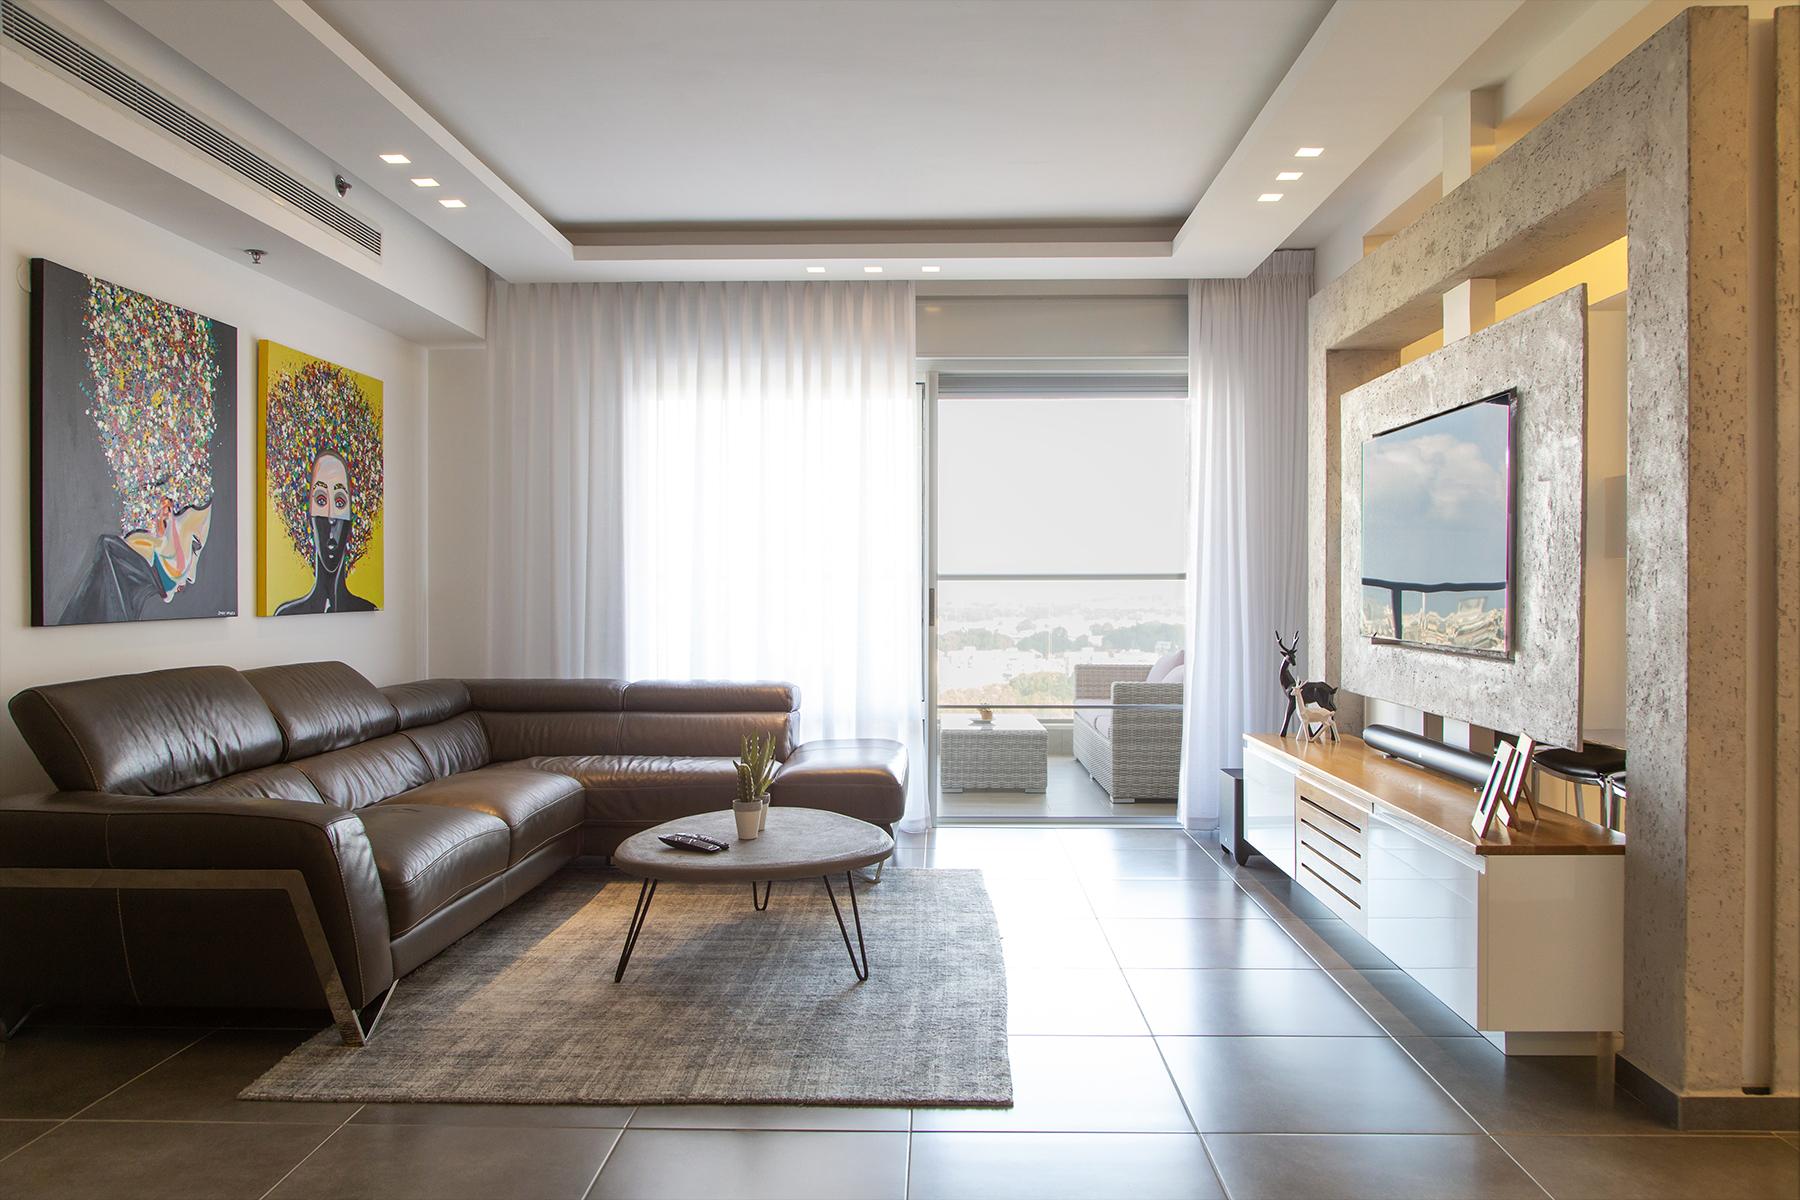 עיצוב וסטיילינג הסלון לכיוון המרפסת